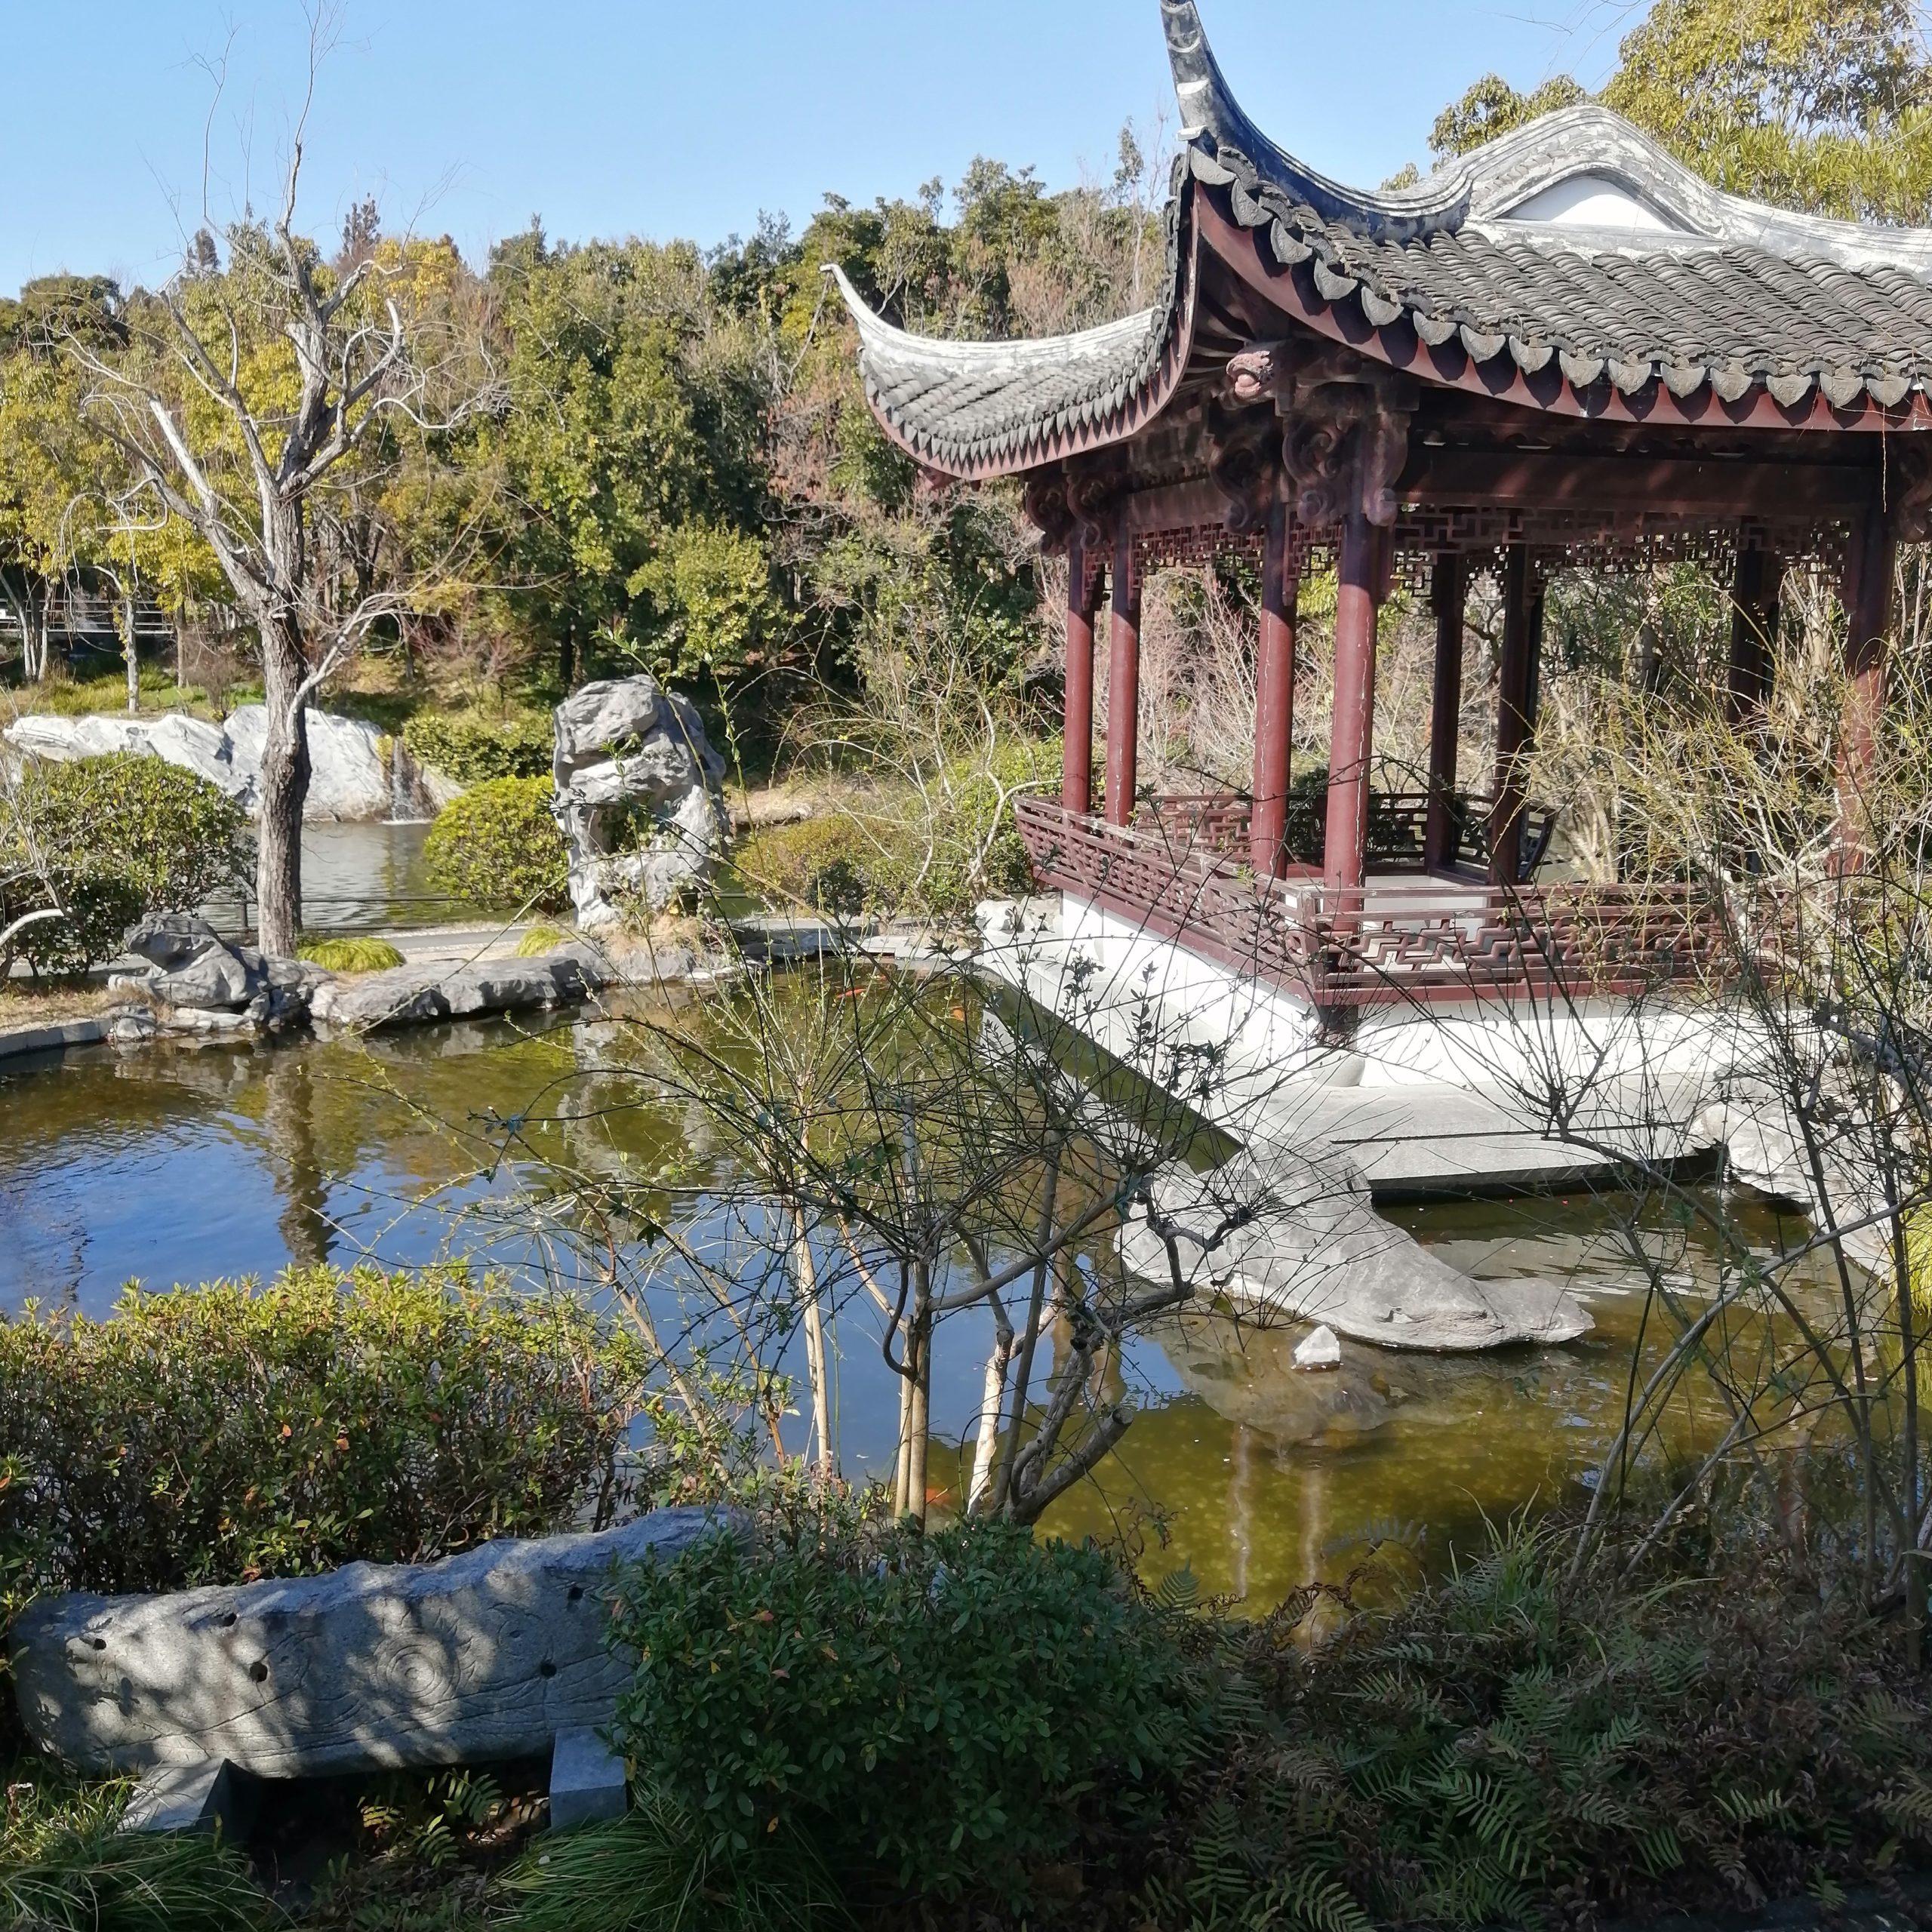 静岡県内でペットと遊ぶ 静岡県浜松市 浜名湖ガーデンパーク 国際庭園